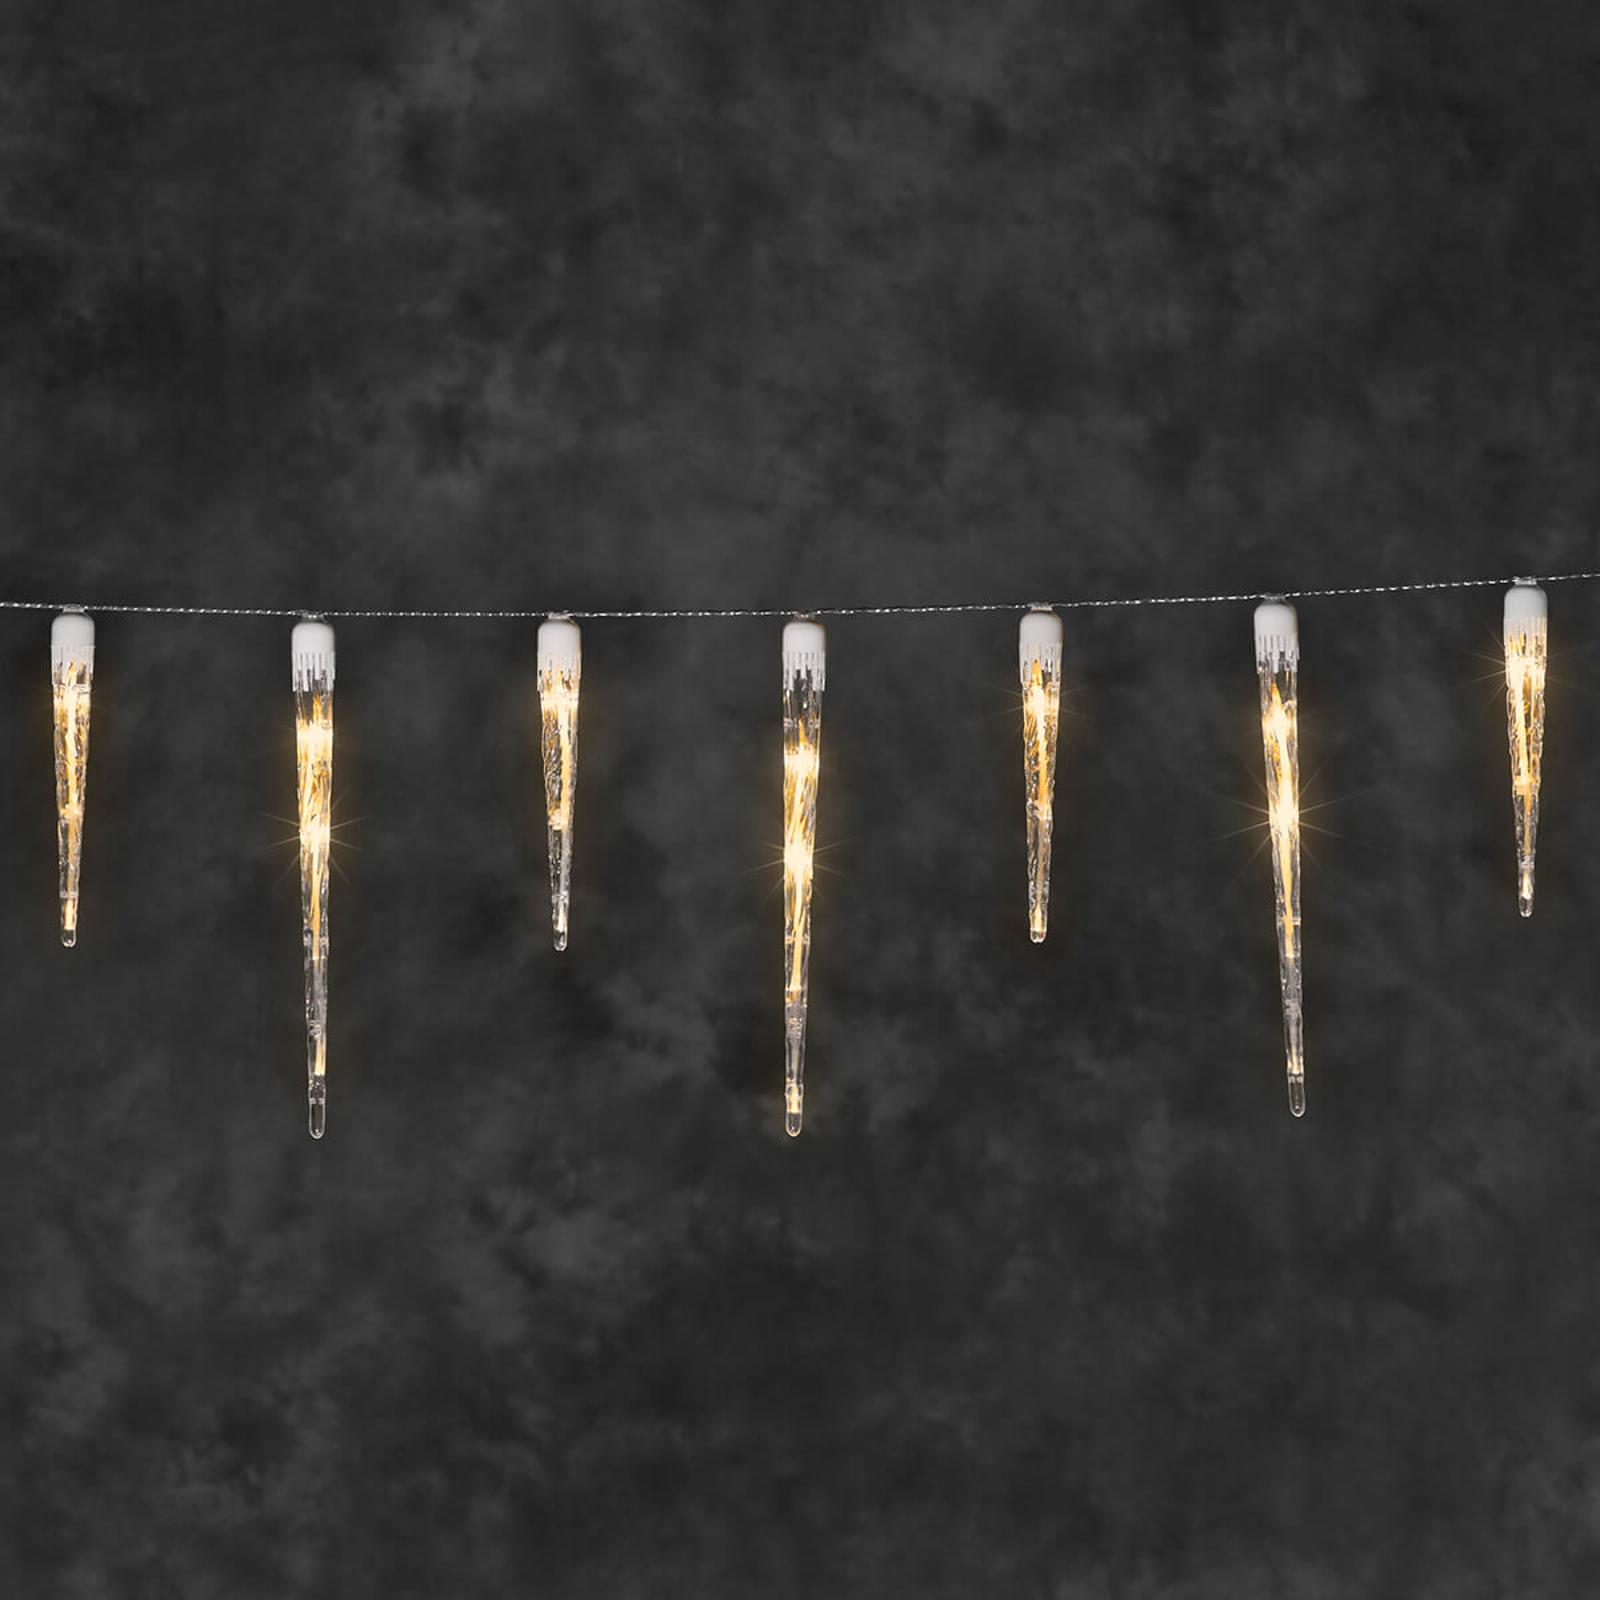 Łańcuch świetlny LED Sople, zewnętrzny